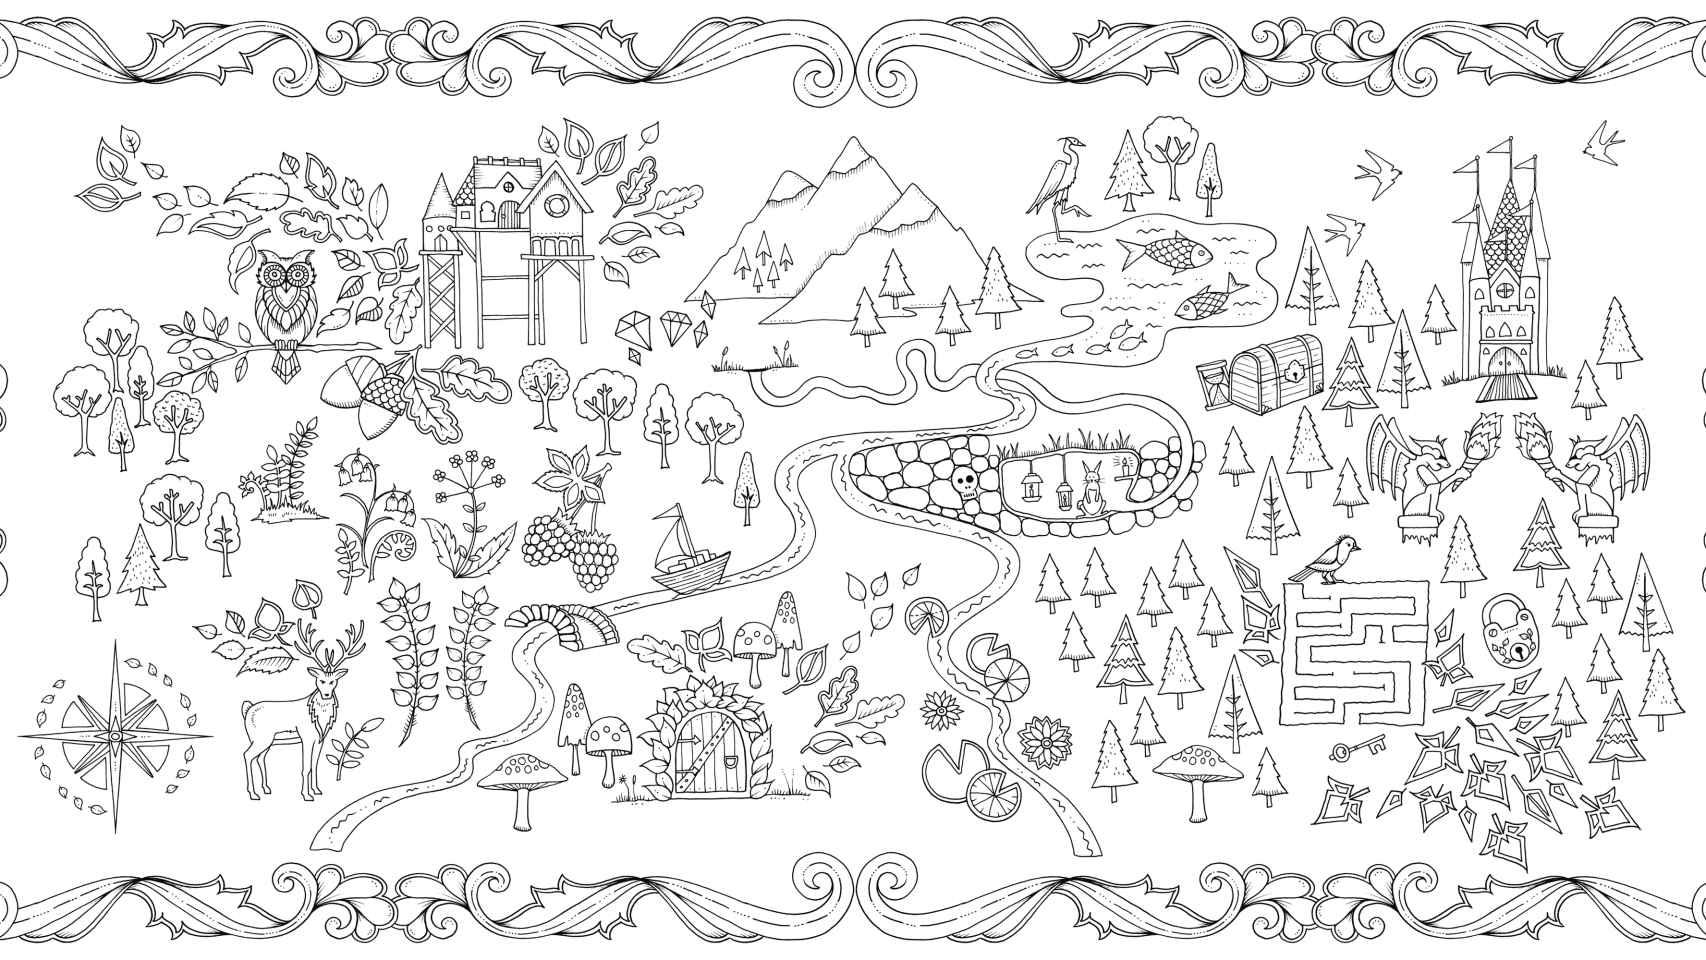 Imagen para colorear de El Bosque encantado, de Johanna Basford.